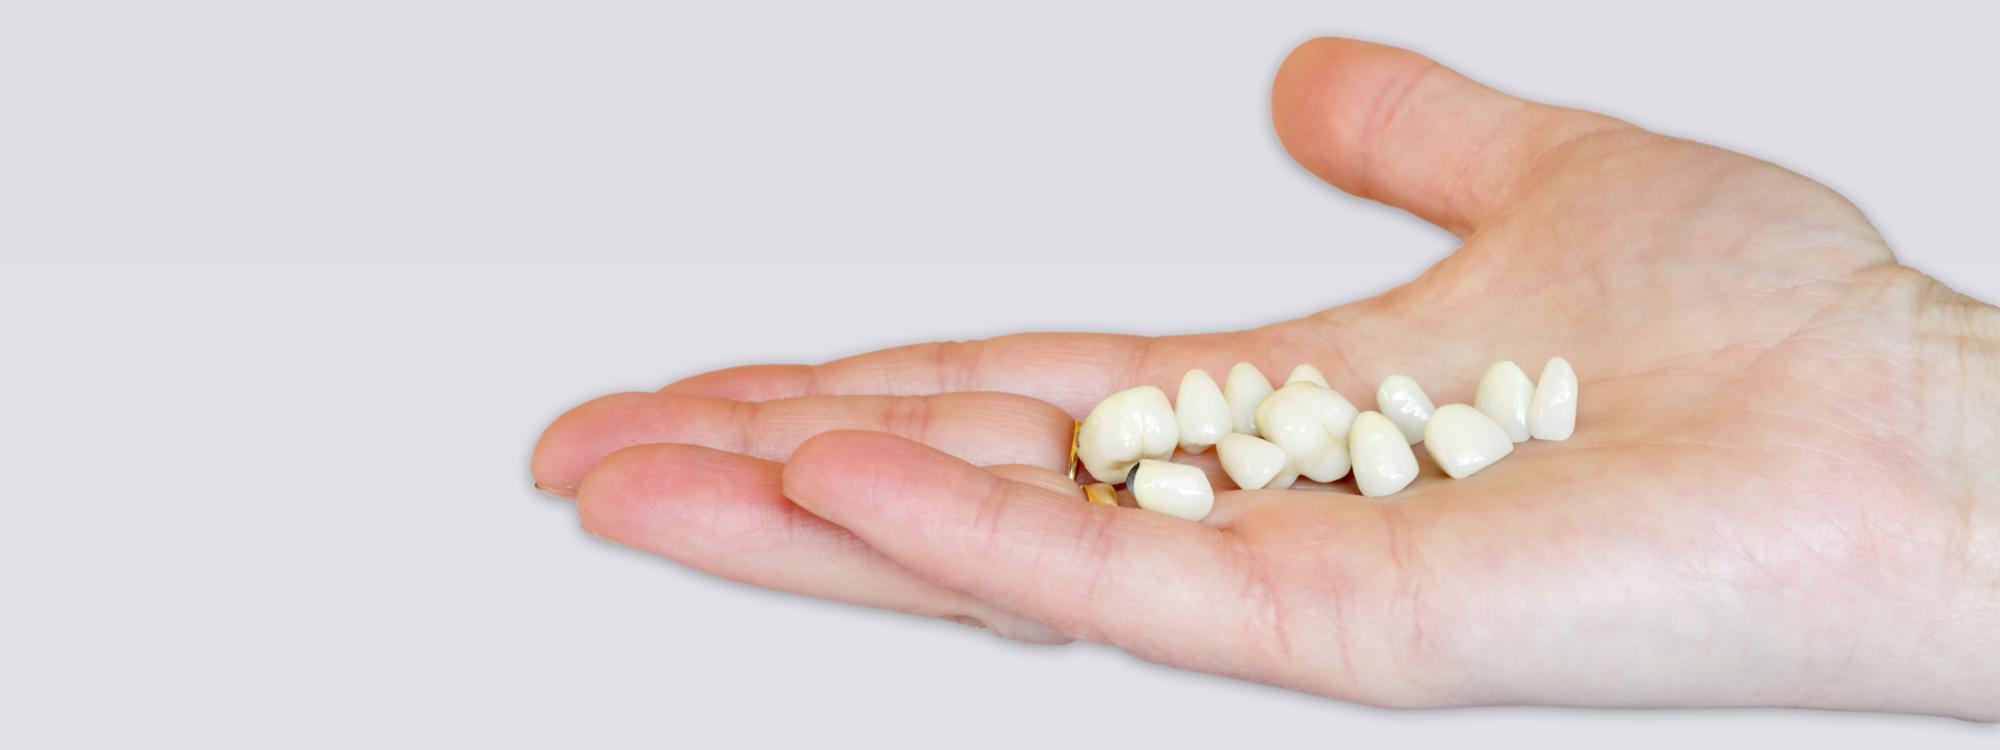 Prothetische tandheelkunde - Mondzorg Zichem